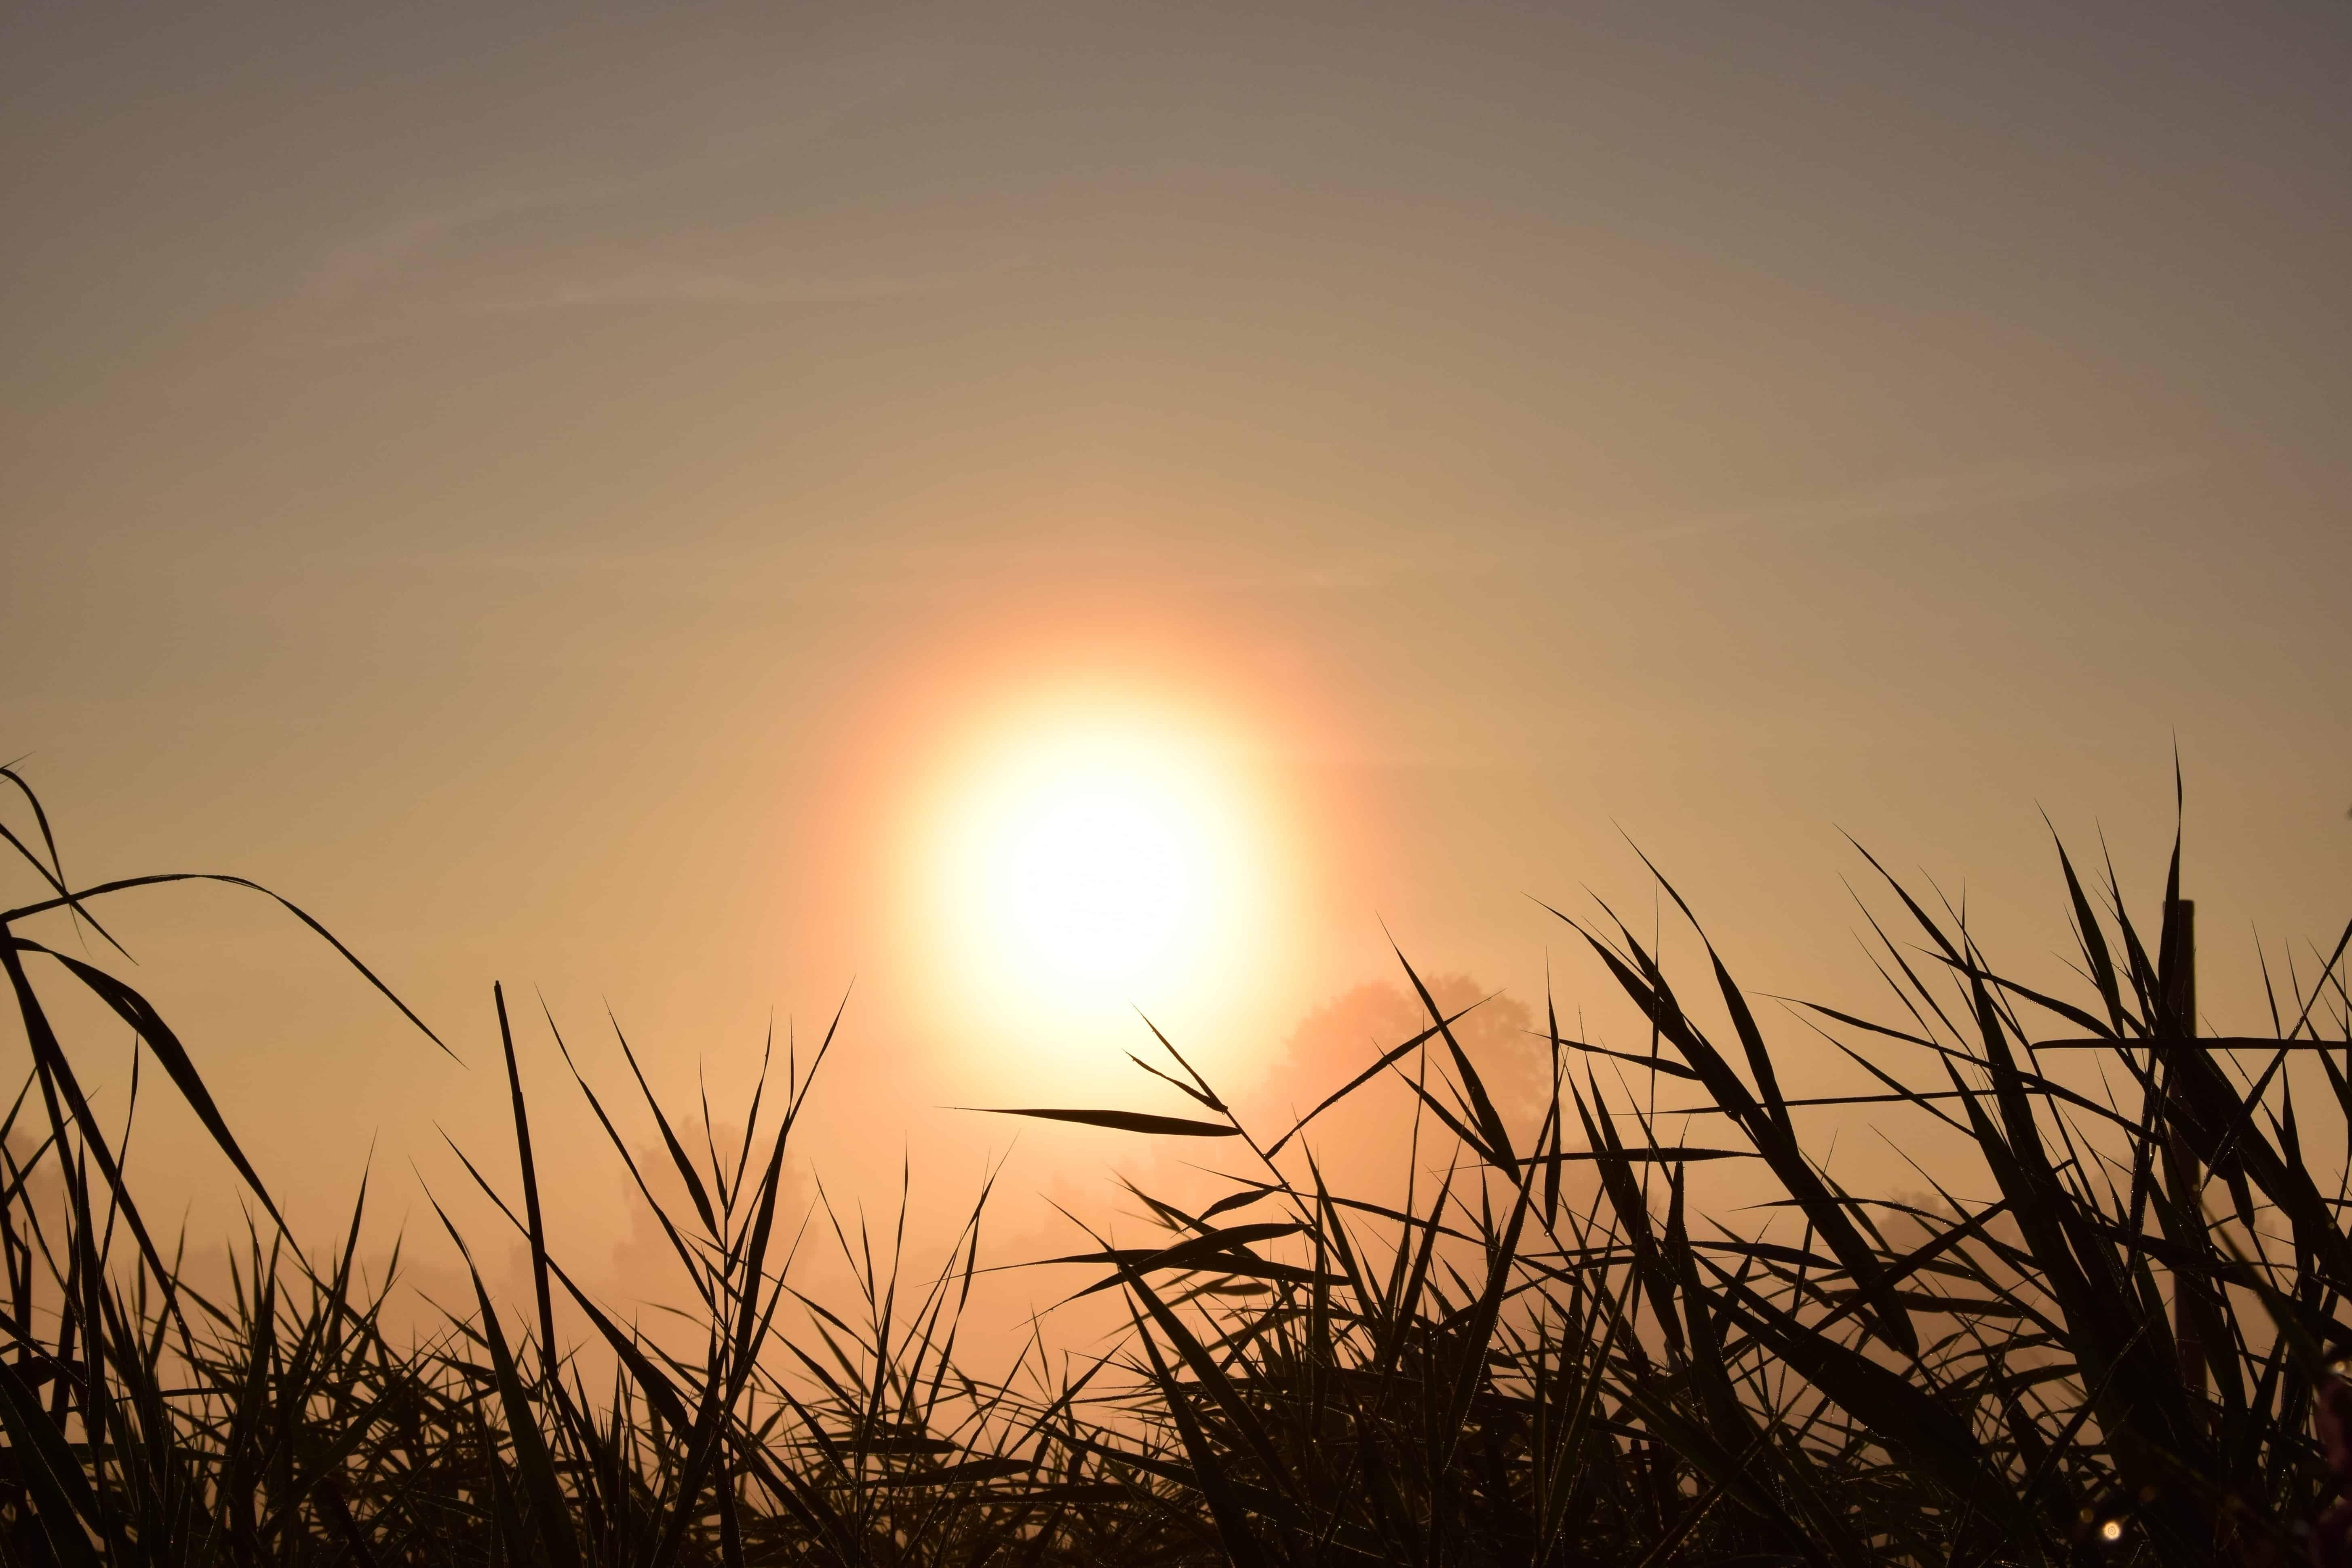 Free picture: sun, sunset, sky, landscape, cloud, sunrise, outdoor